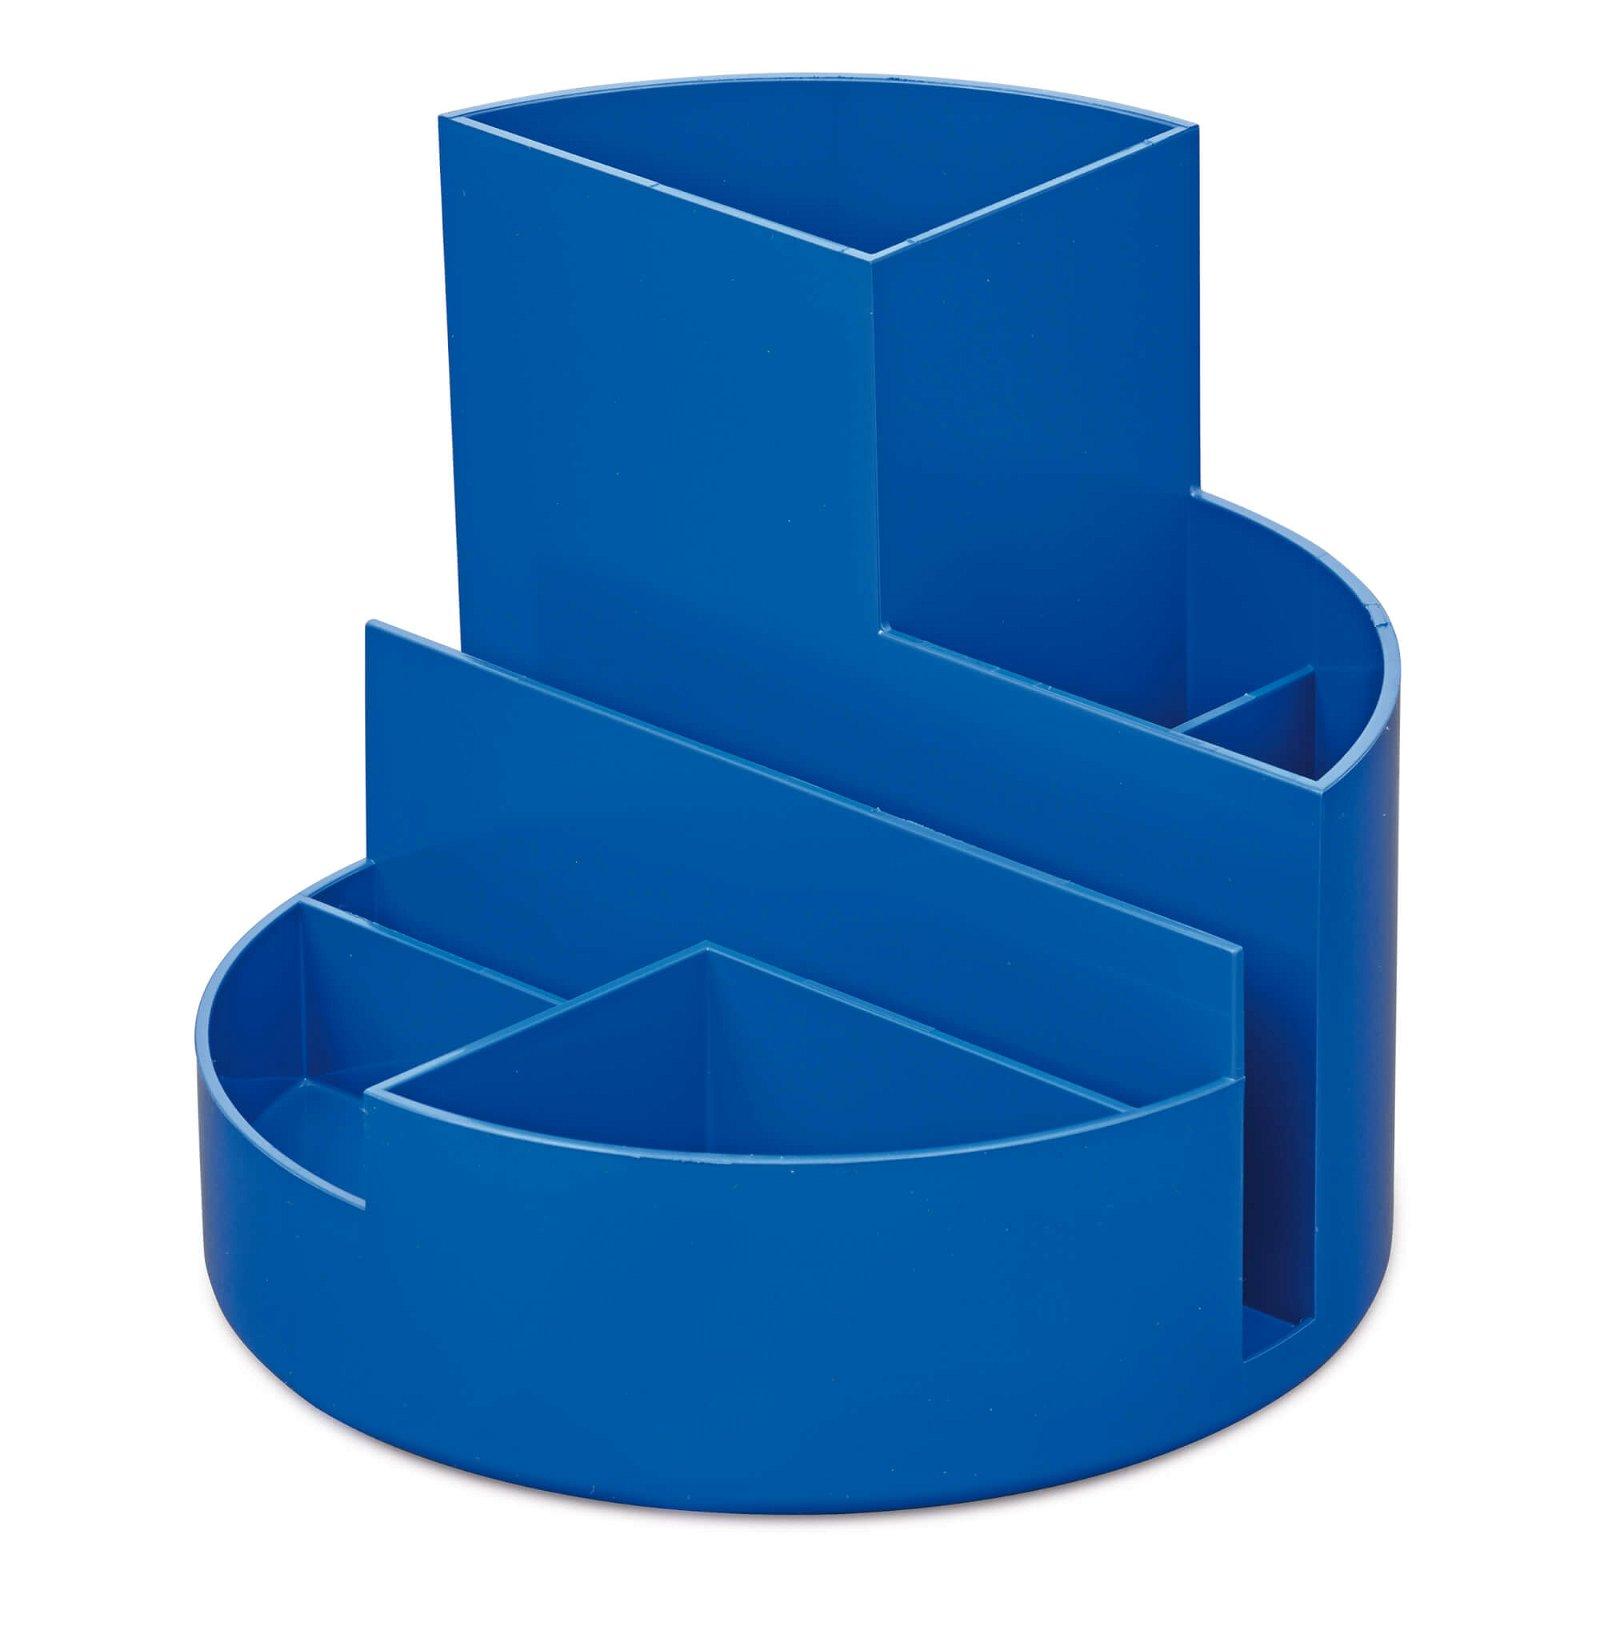 Schreibtischorganizer MAULrundbox Eco, blau